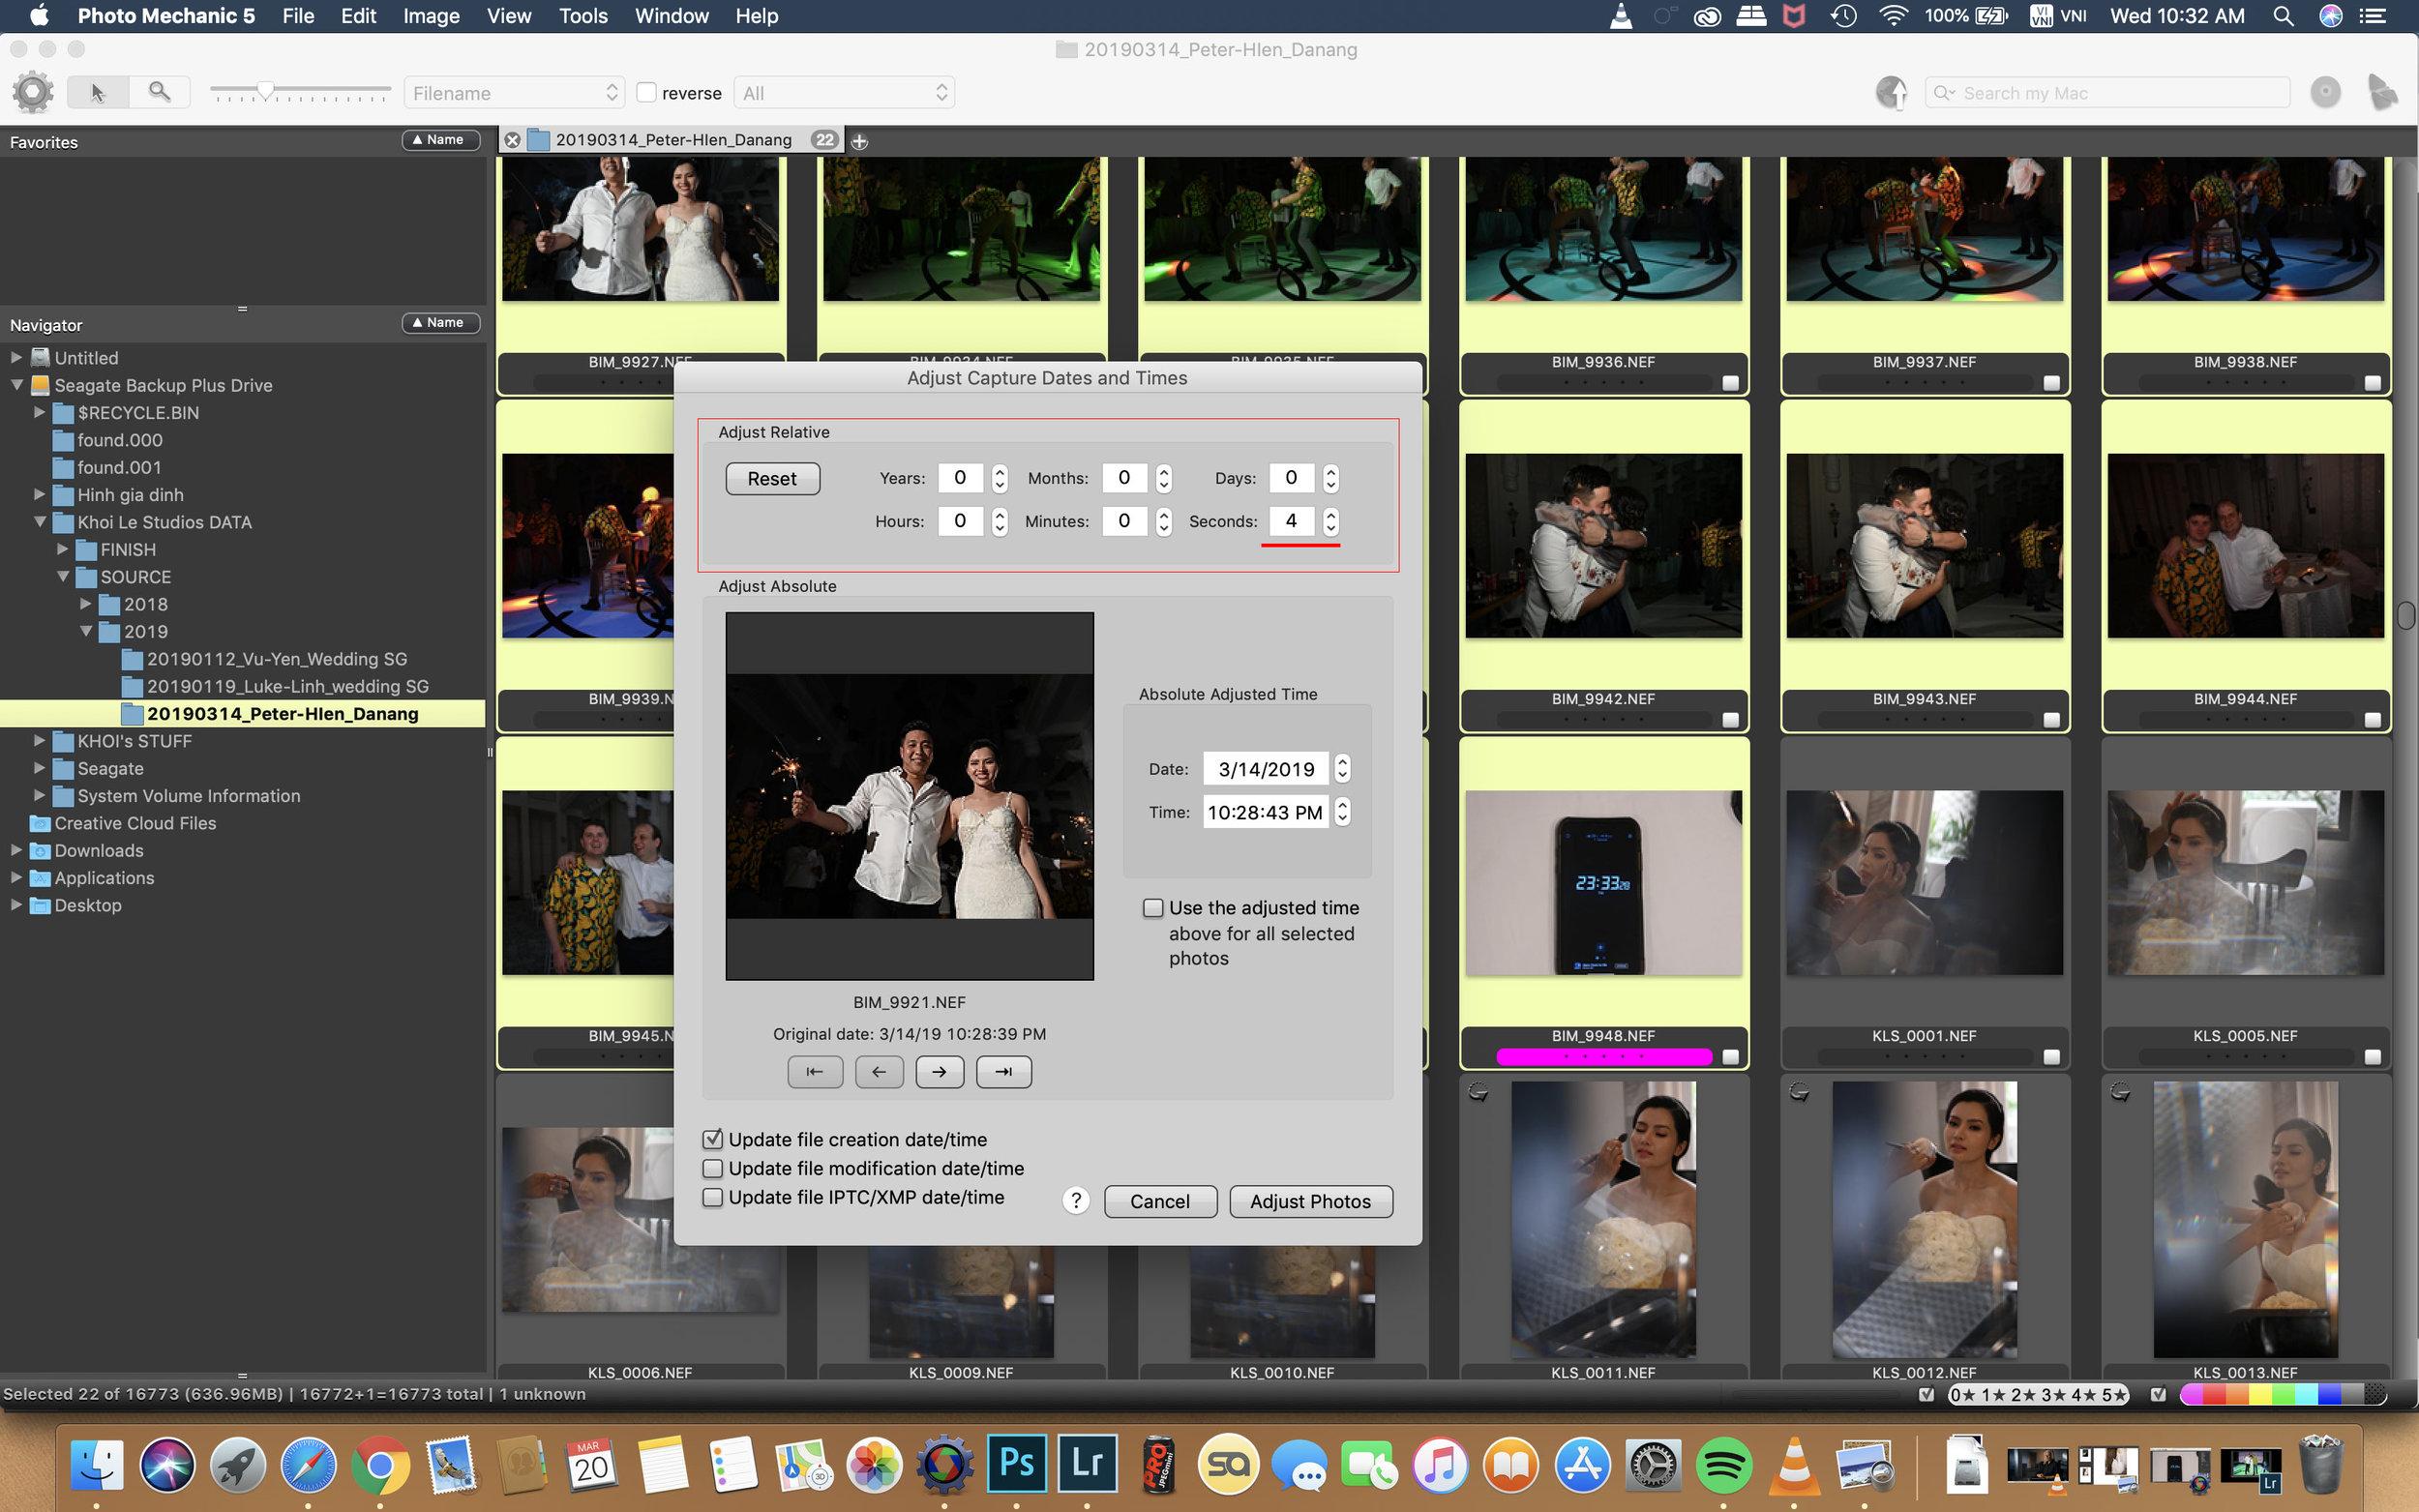 Như ở đây mình chỉnh cho toàn bộ những bức ảnh đã chụp từ camera này nhanh lên thêm 4s.